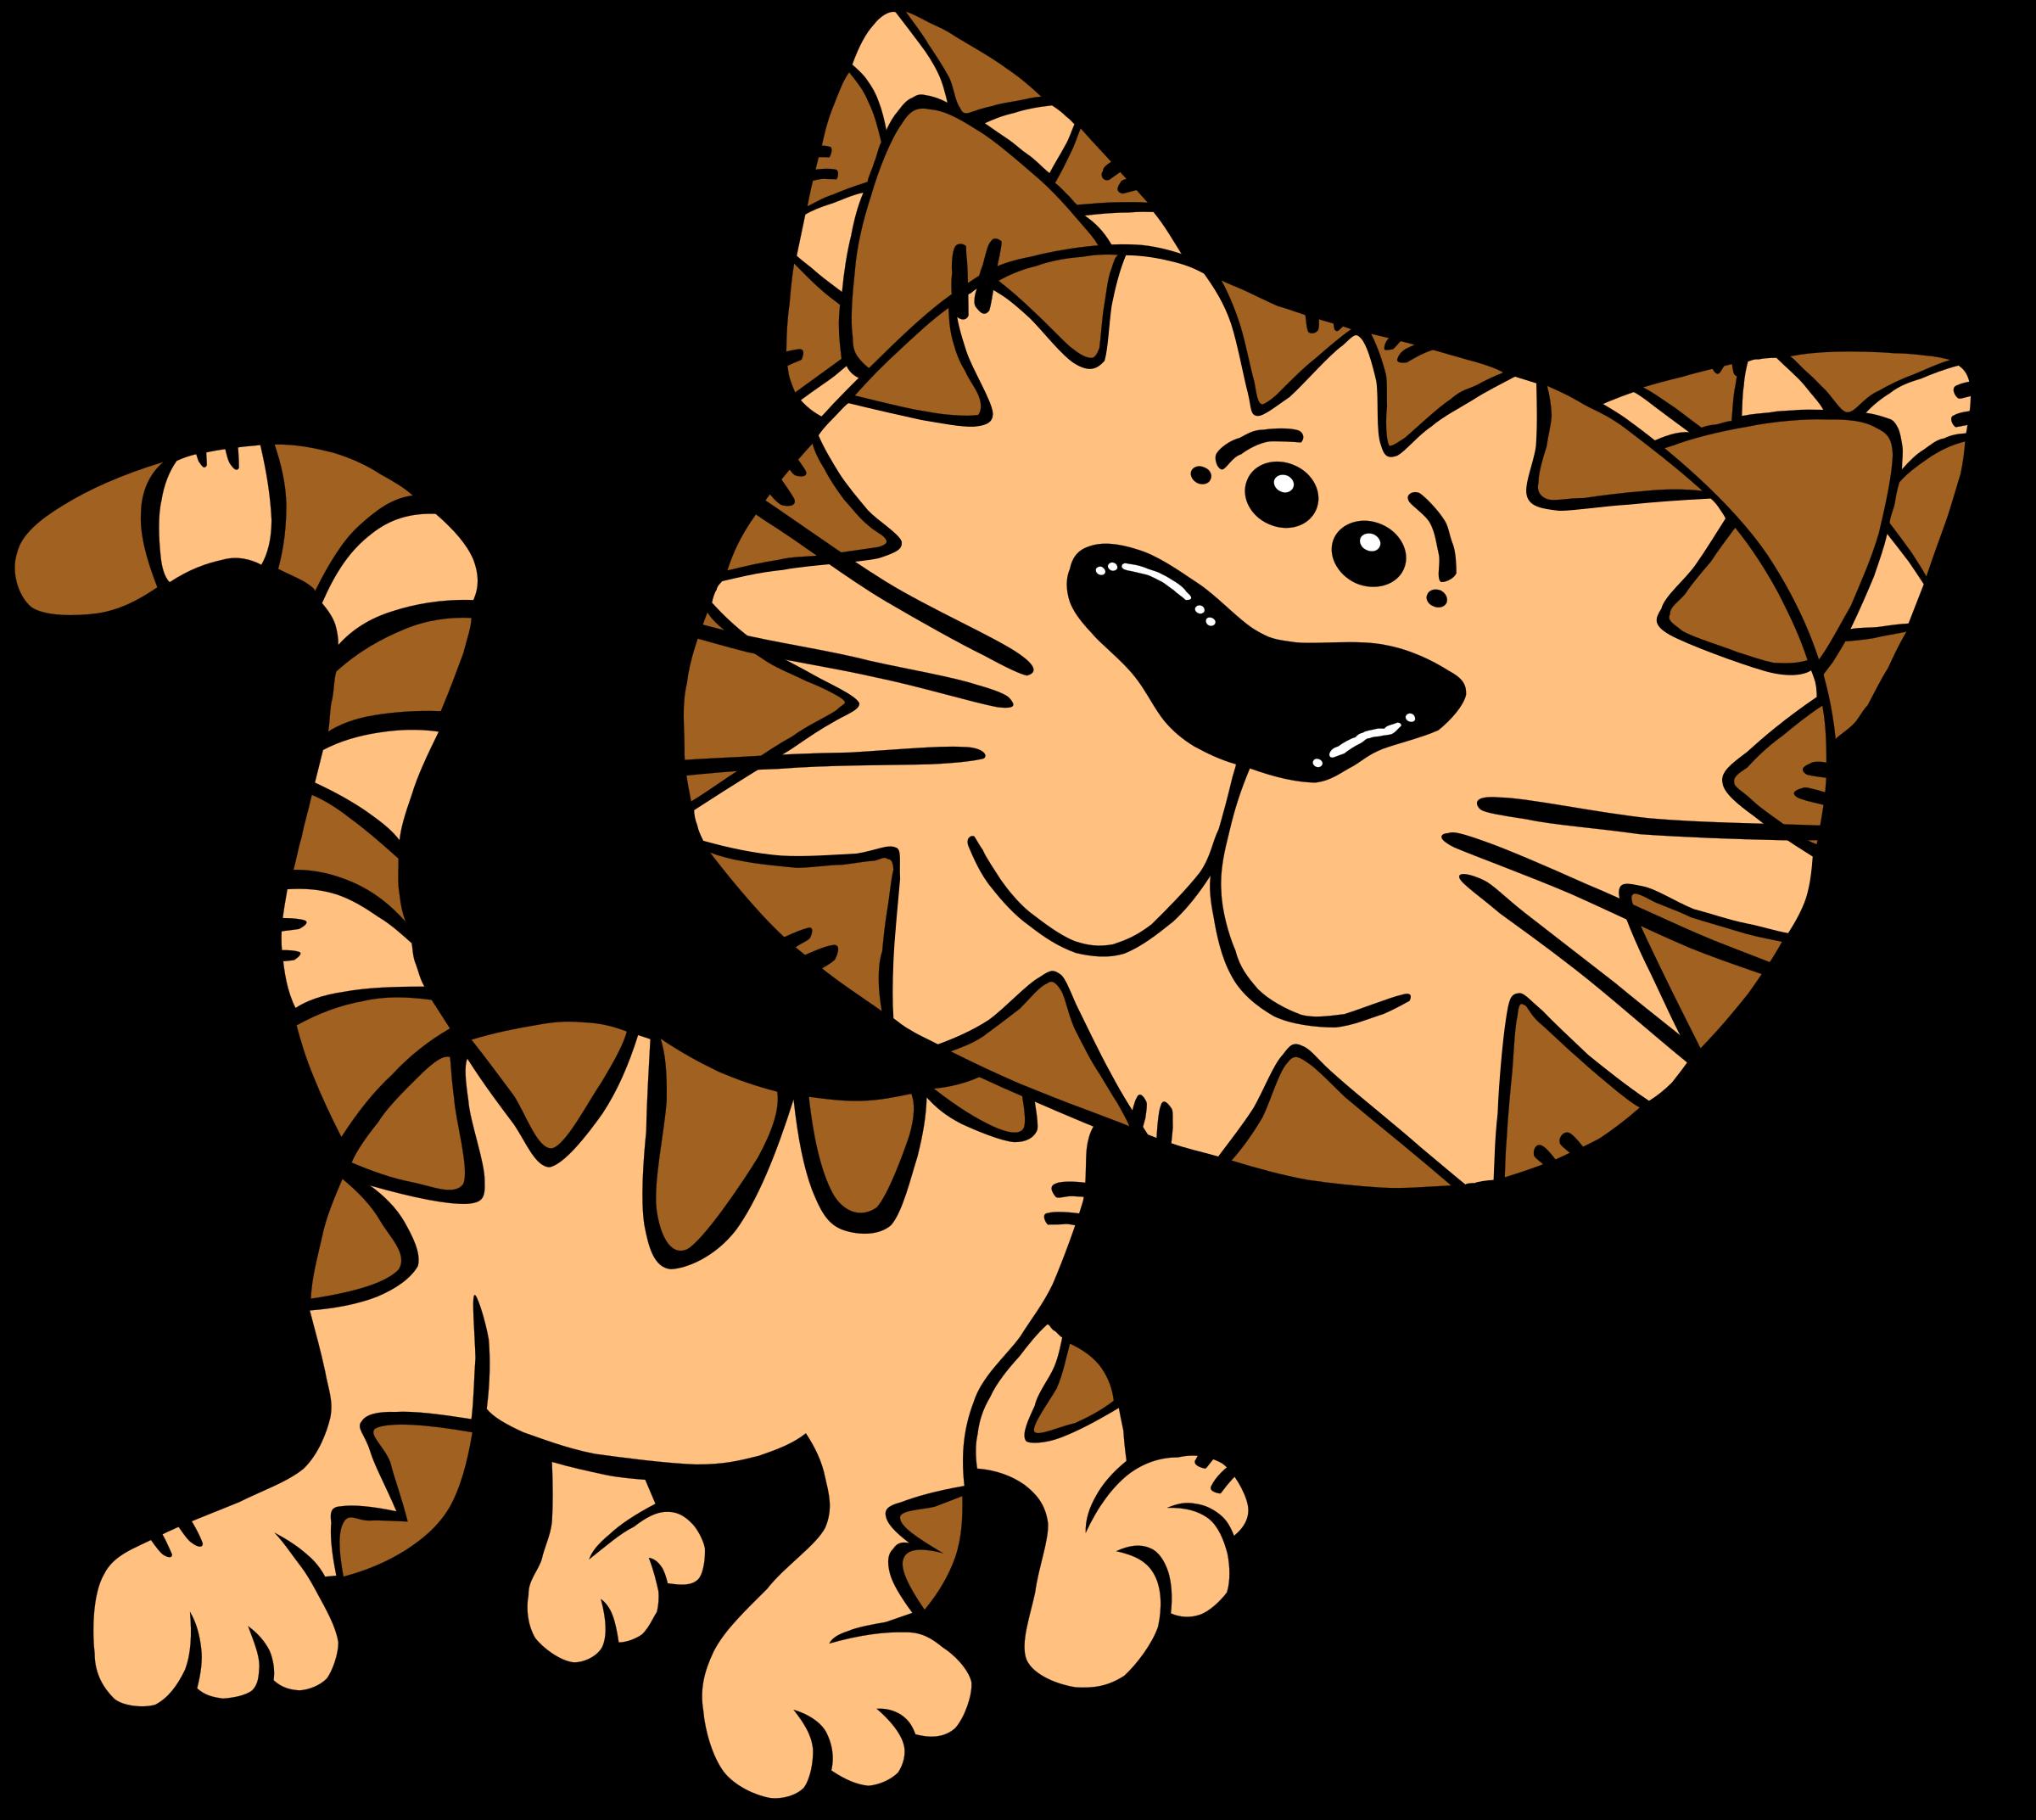 Cat big image png. Clipart walking cartoon